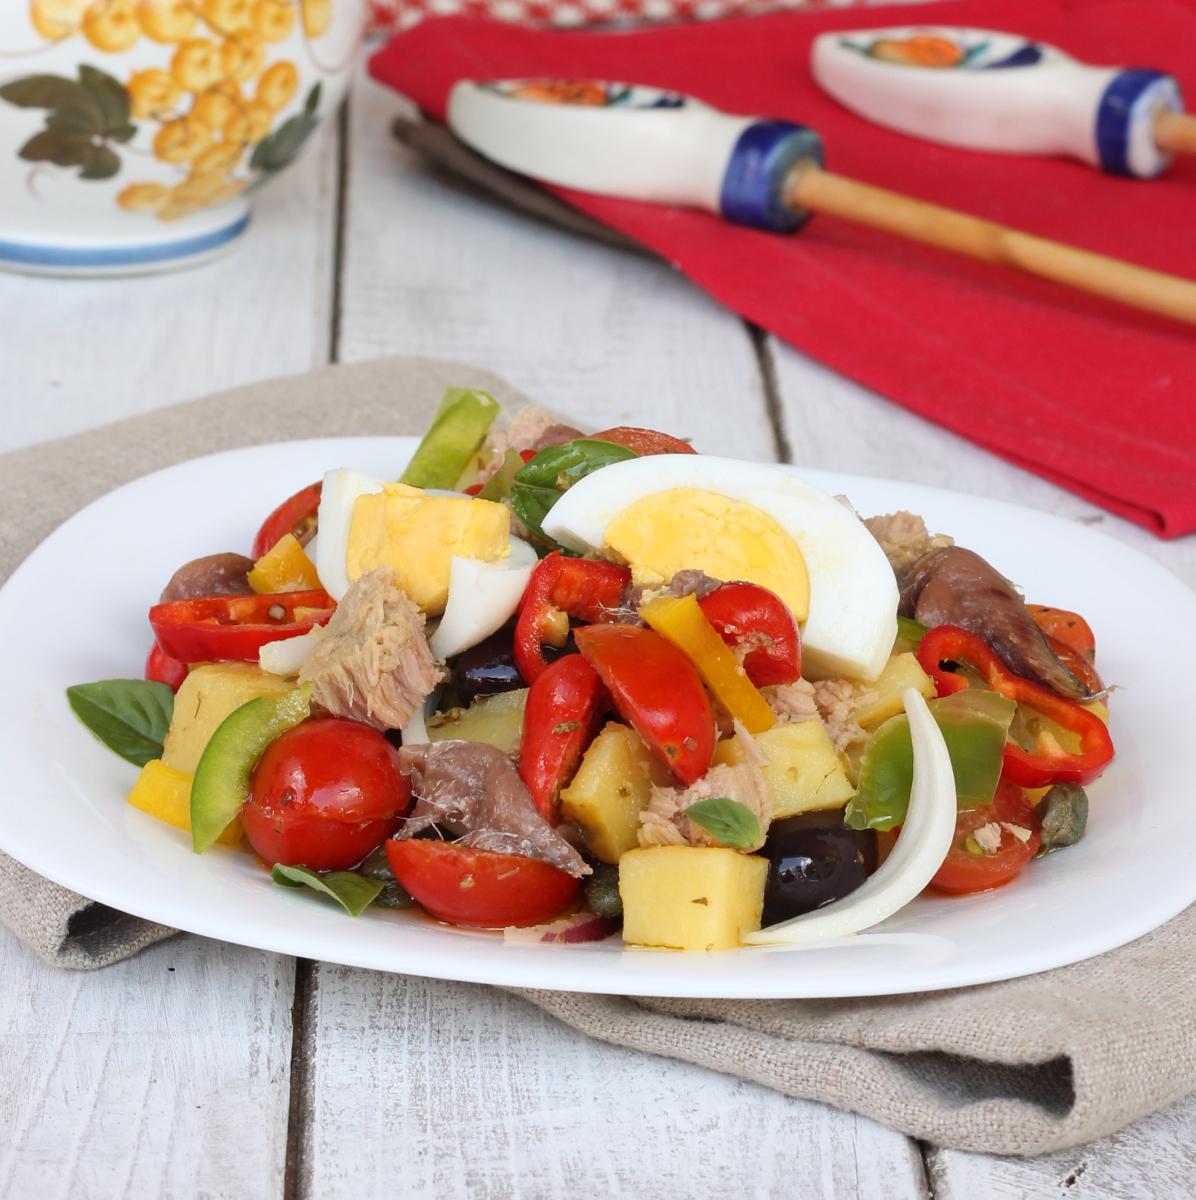 CONDIGLIONE LIGURE TRADIZIONALE  insalata tipica genovese   cundigiun